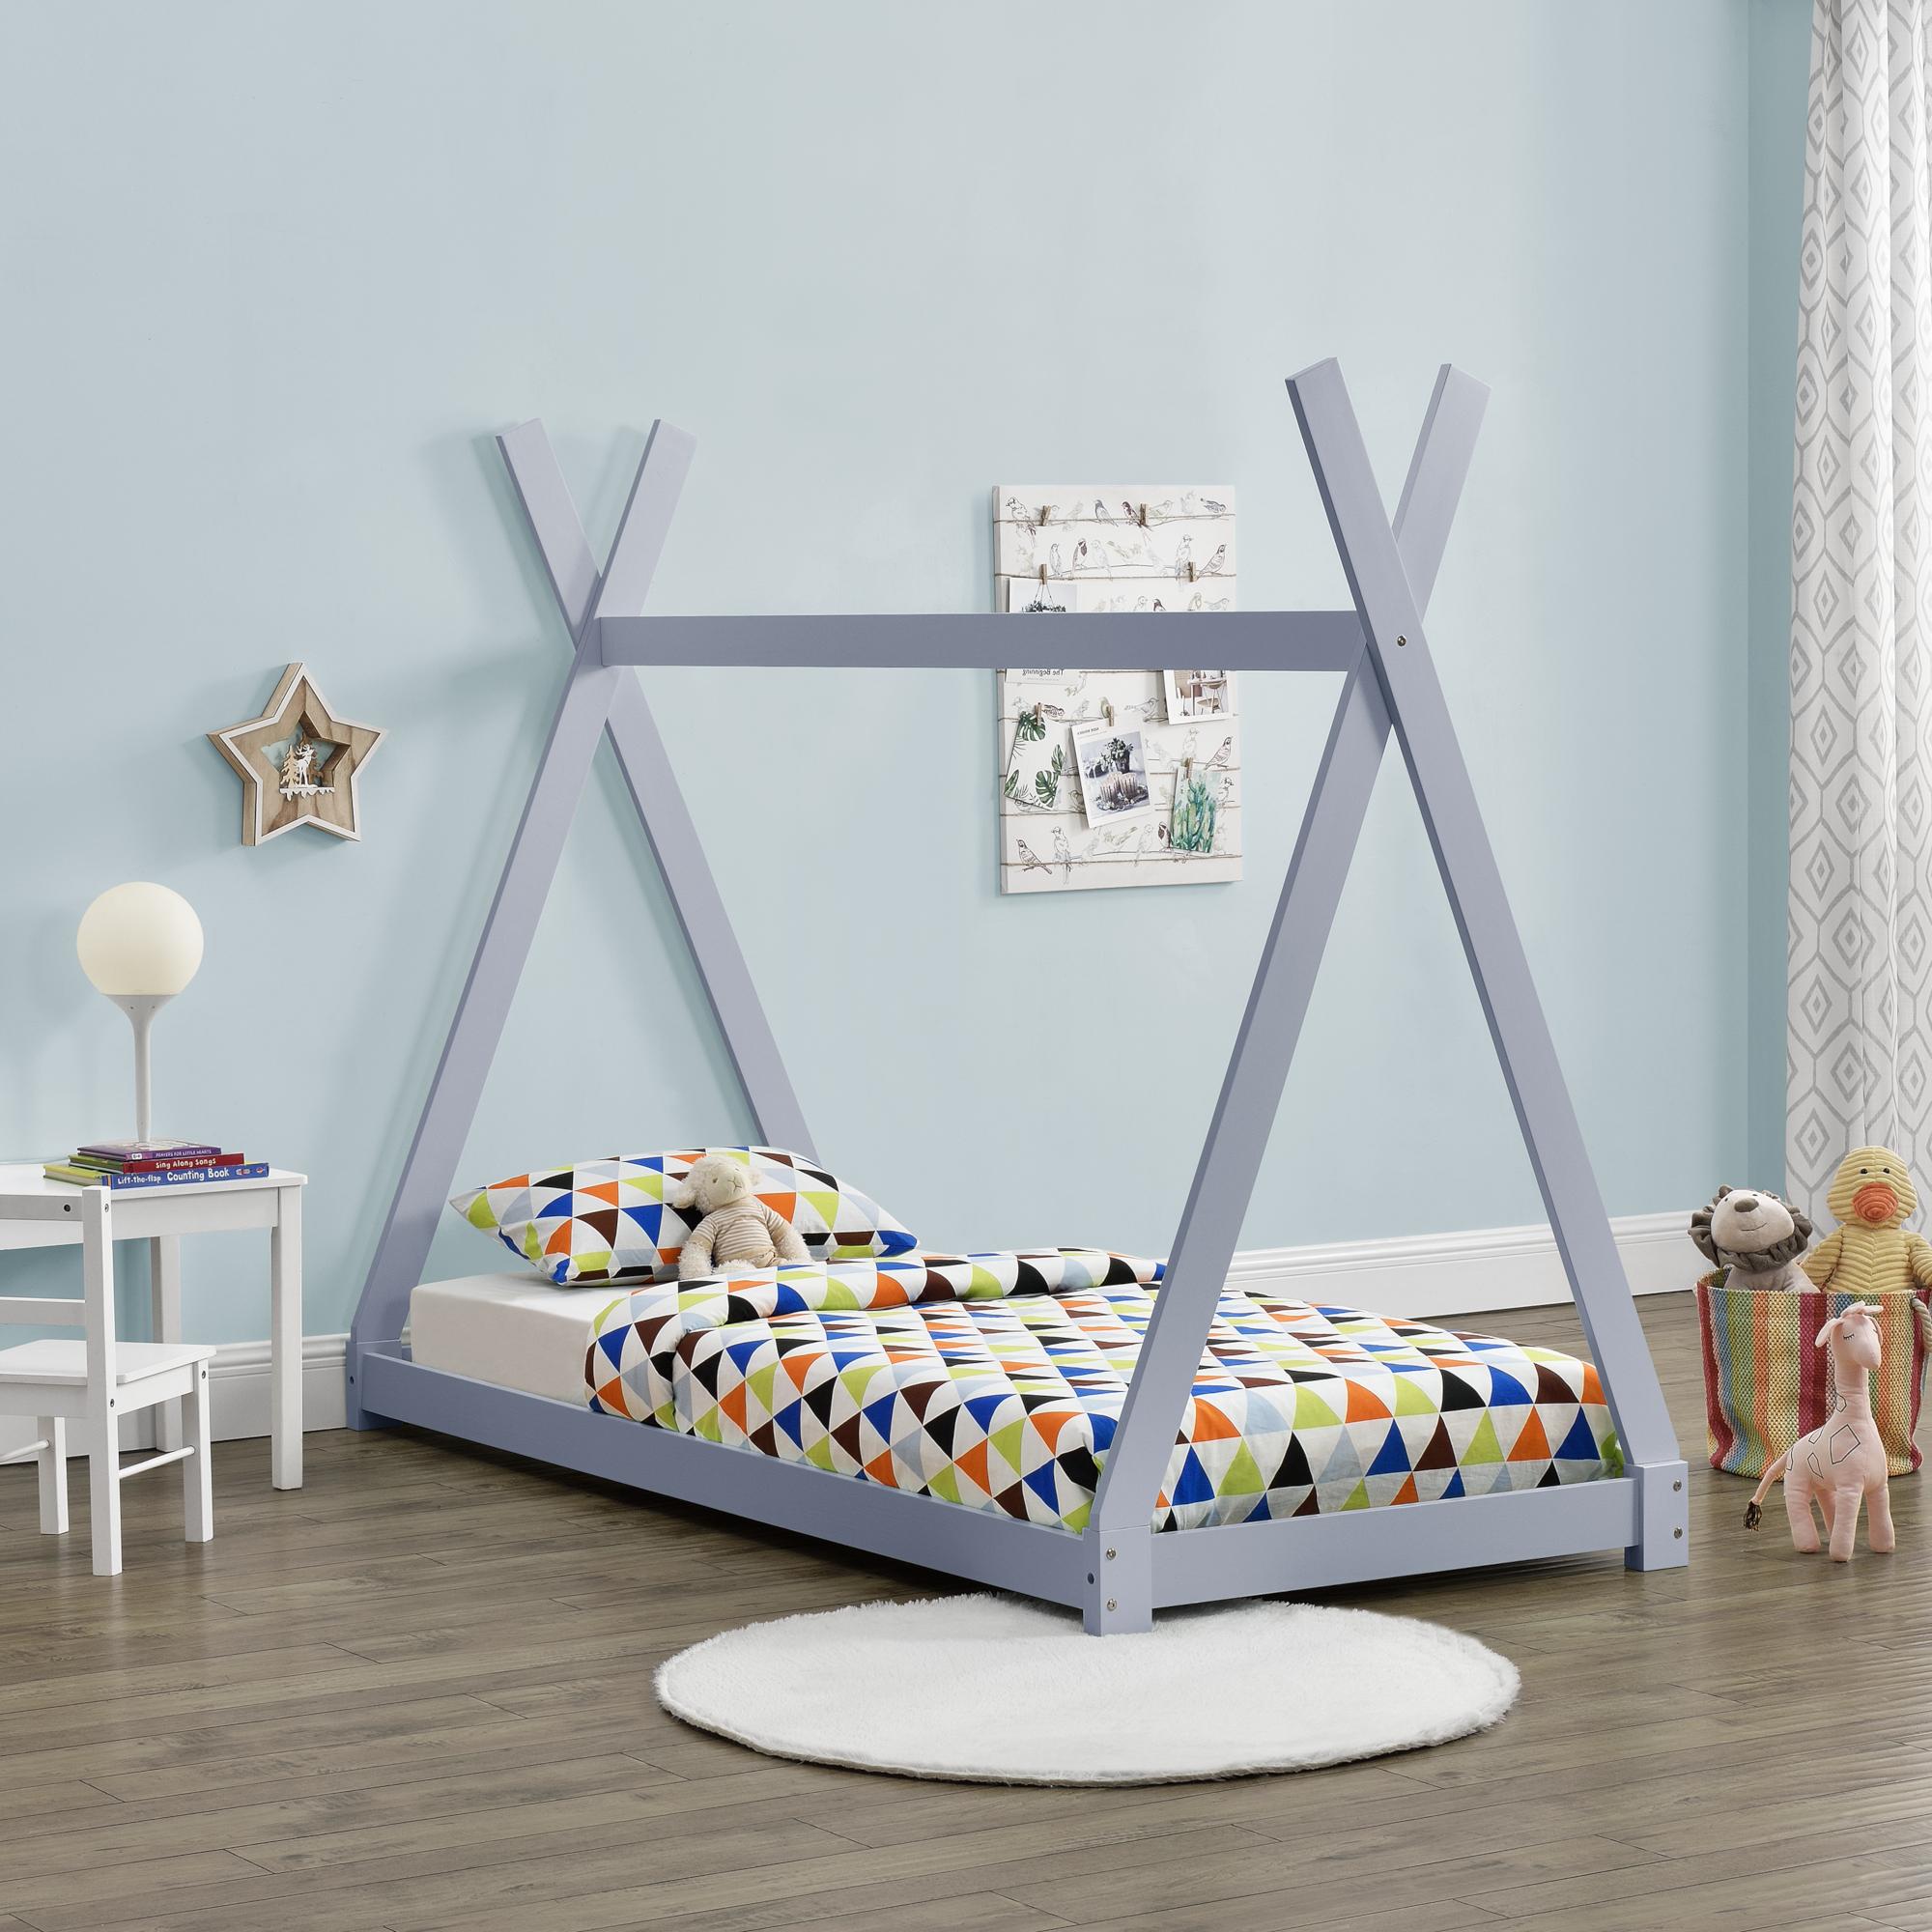 en.casa Kinderbett 90x200cm Tipi Indianer Bett Holz Grau Hausbett Kinder Haus